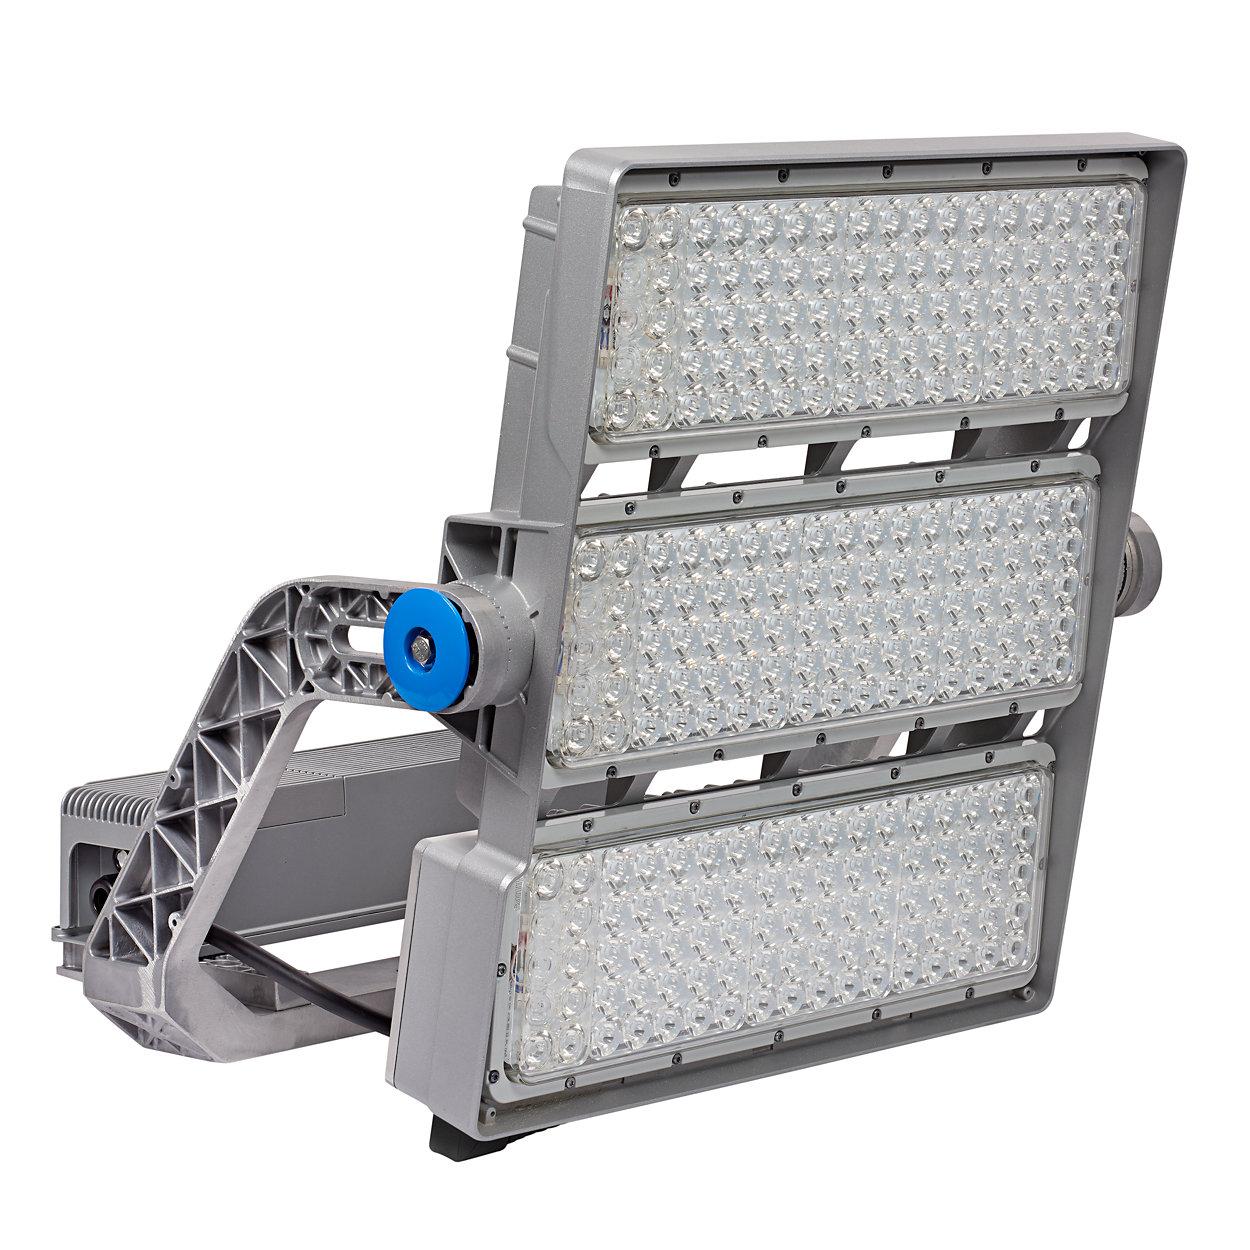 Arena Vision Lights: BVP427 2210/757 PSDMX 230-400V HGB S2 D2 ArenaVision LED